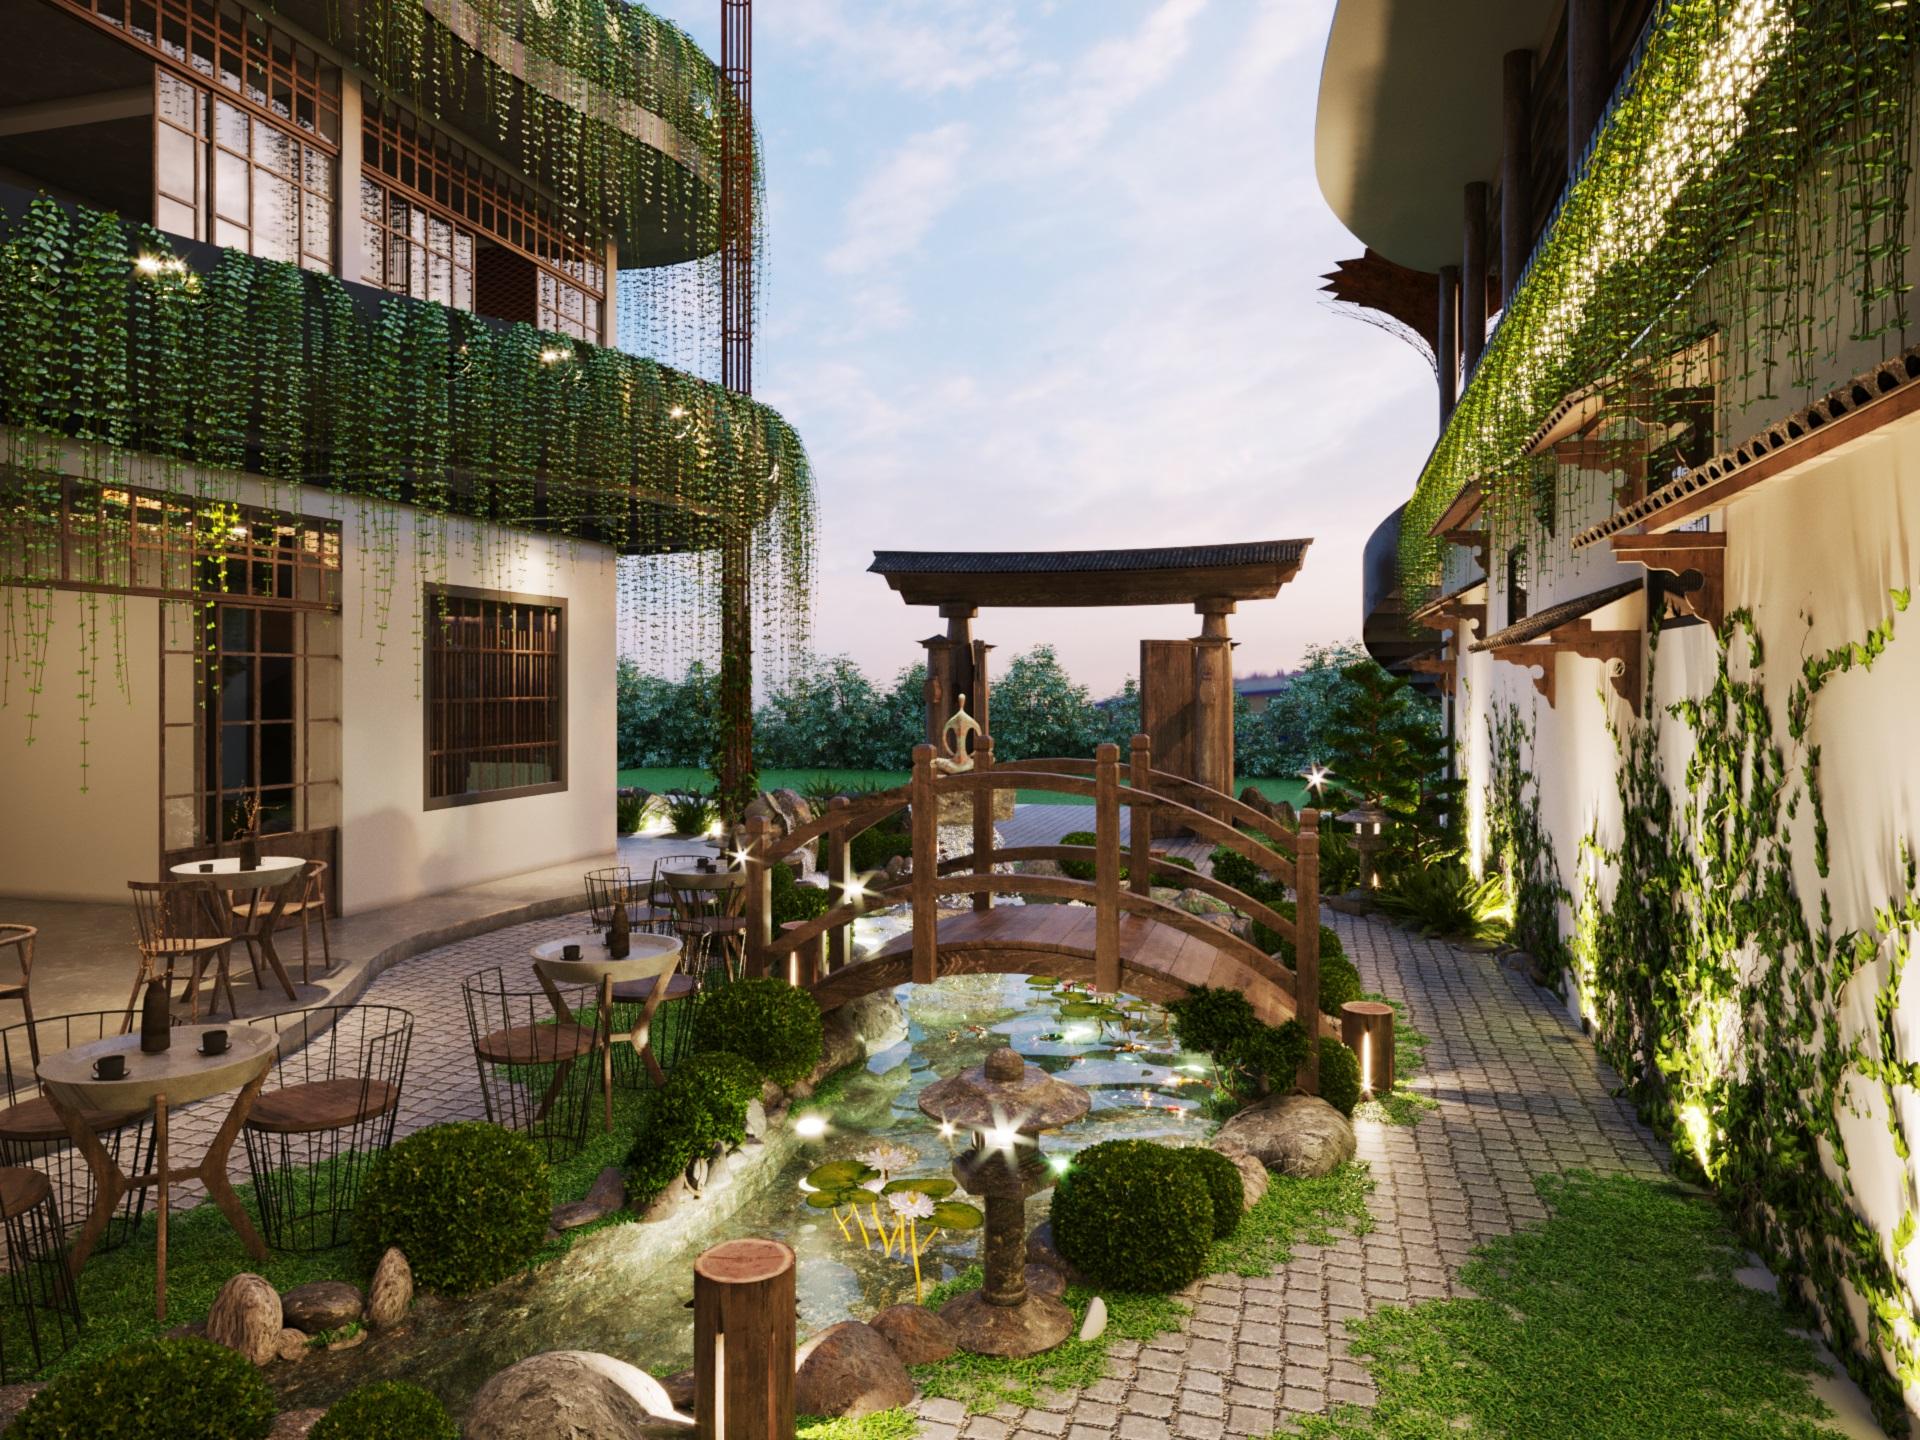 thiết kế nội thất Cafe tại Hà Nội caffee koi 14 1569649990